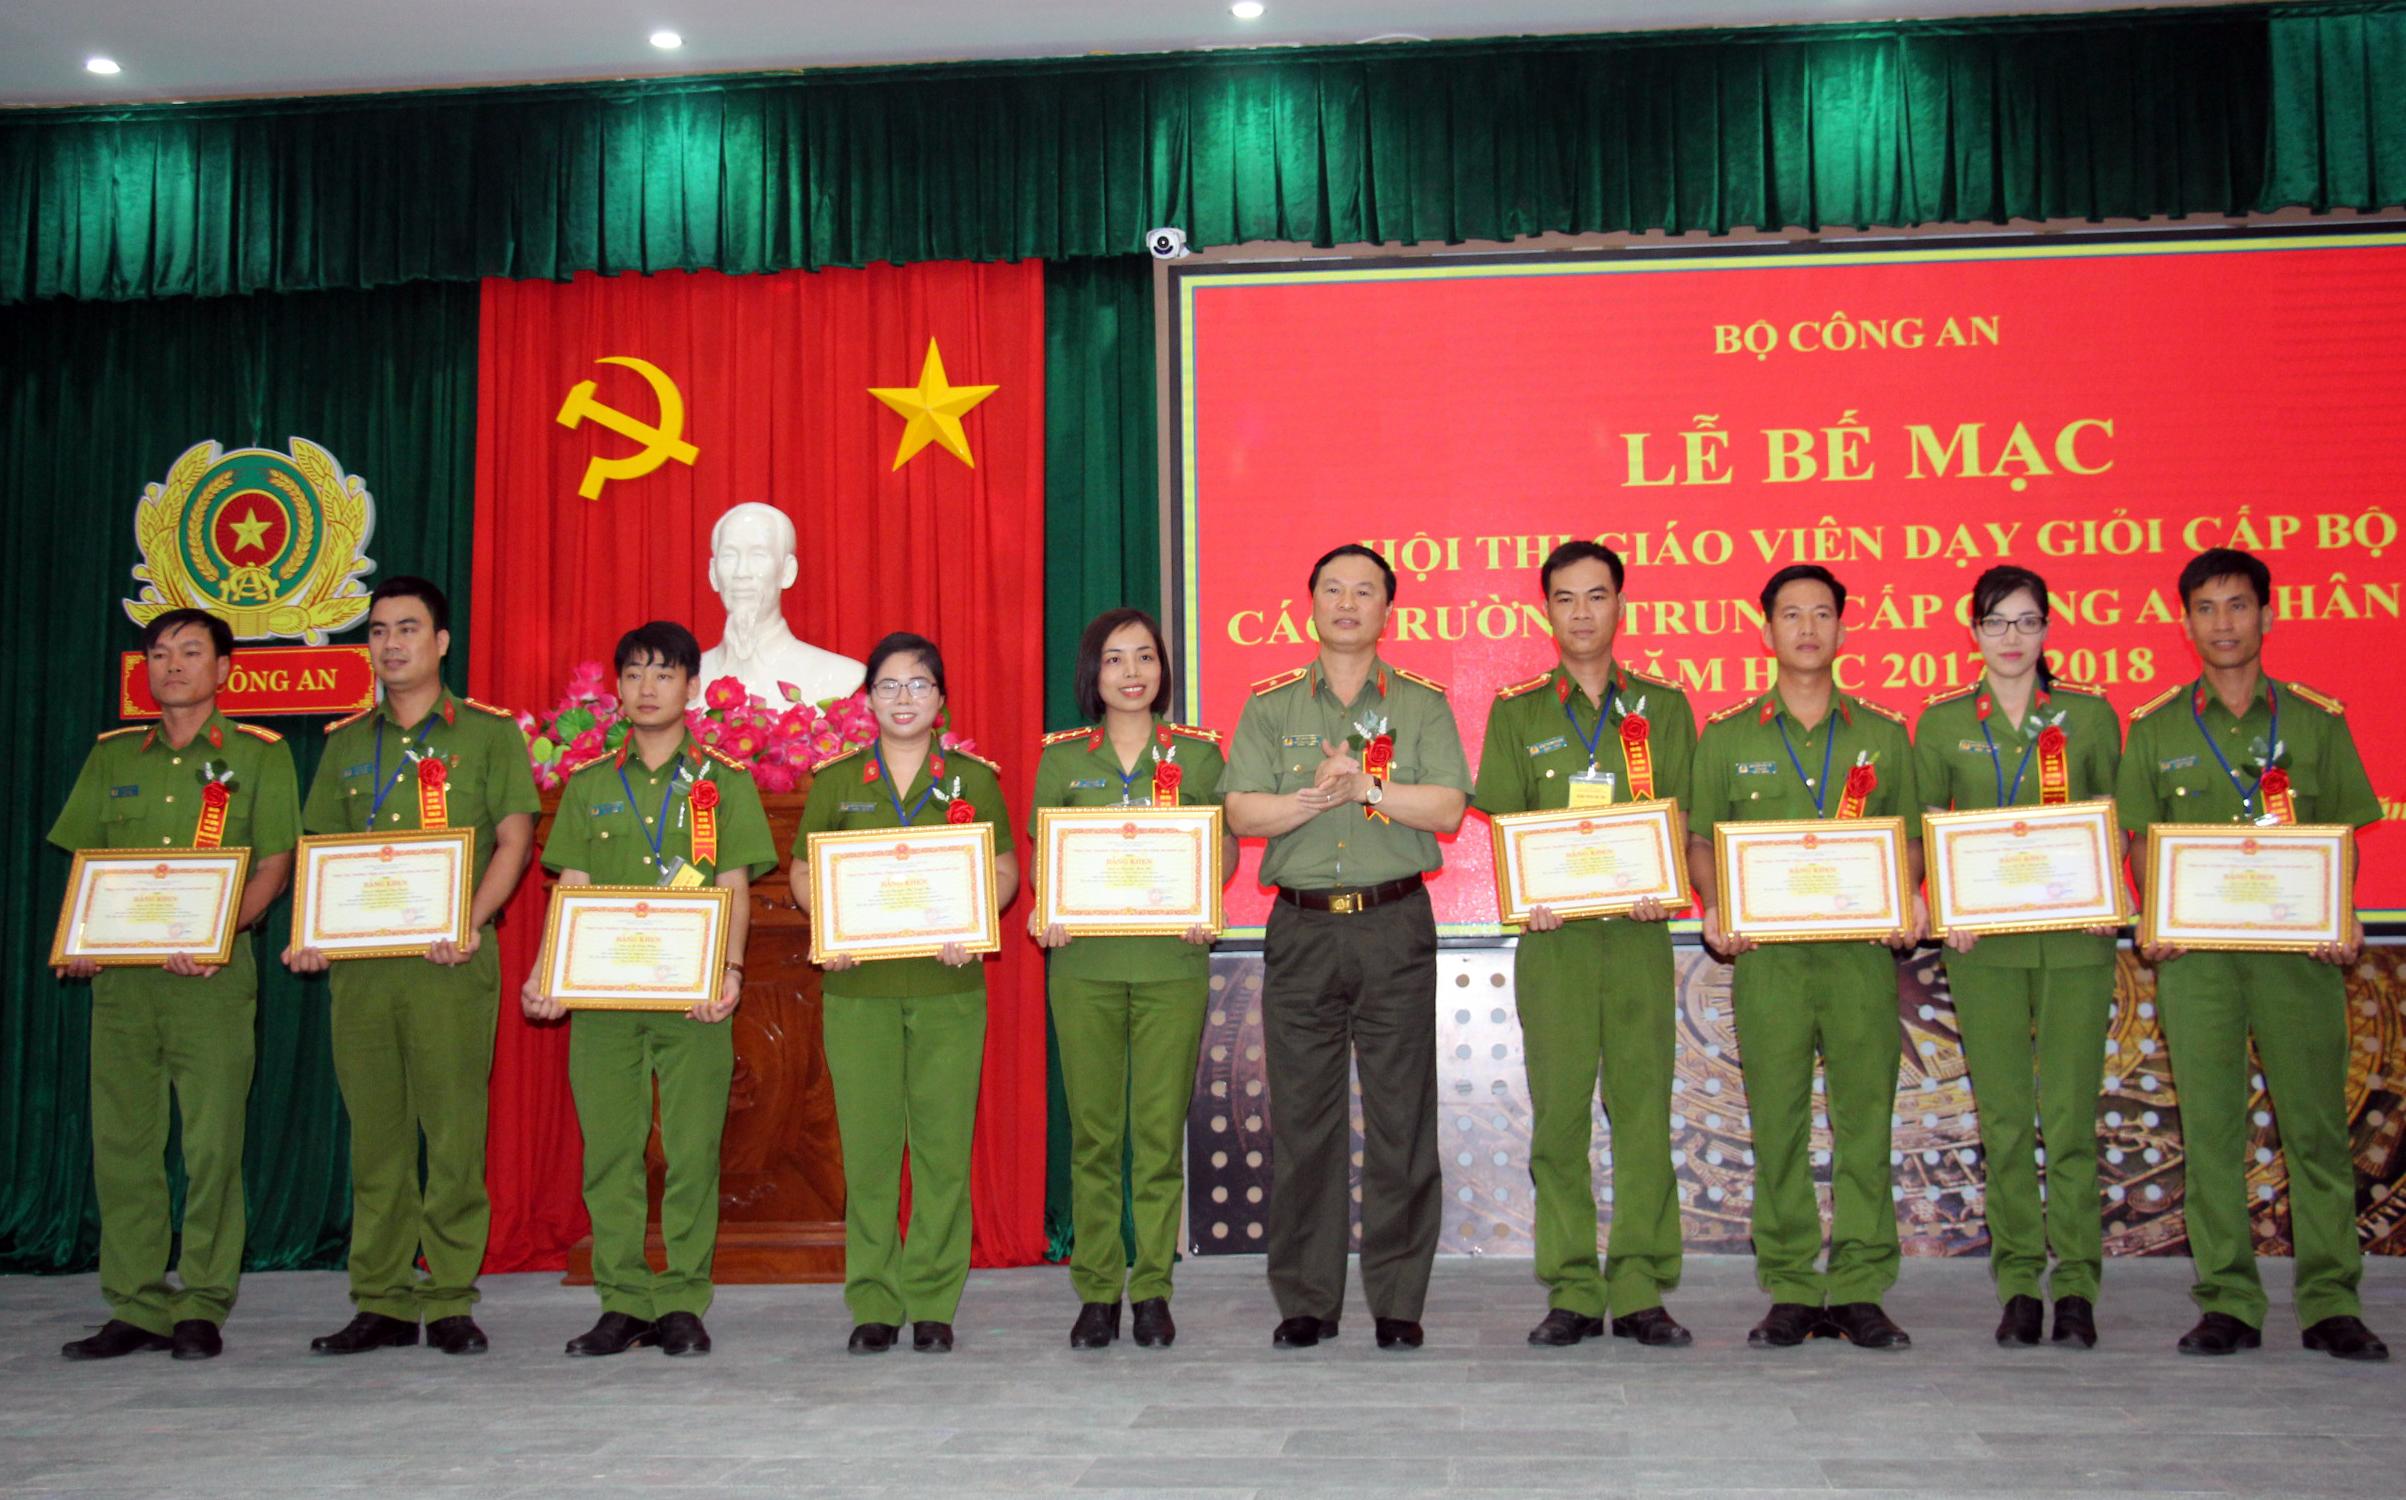 Bế mạc Hội thi giáo viên dạy giỏi cấp Bộ các trường trung cấp CSND